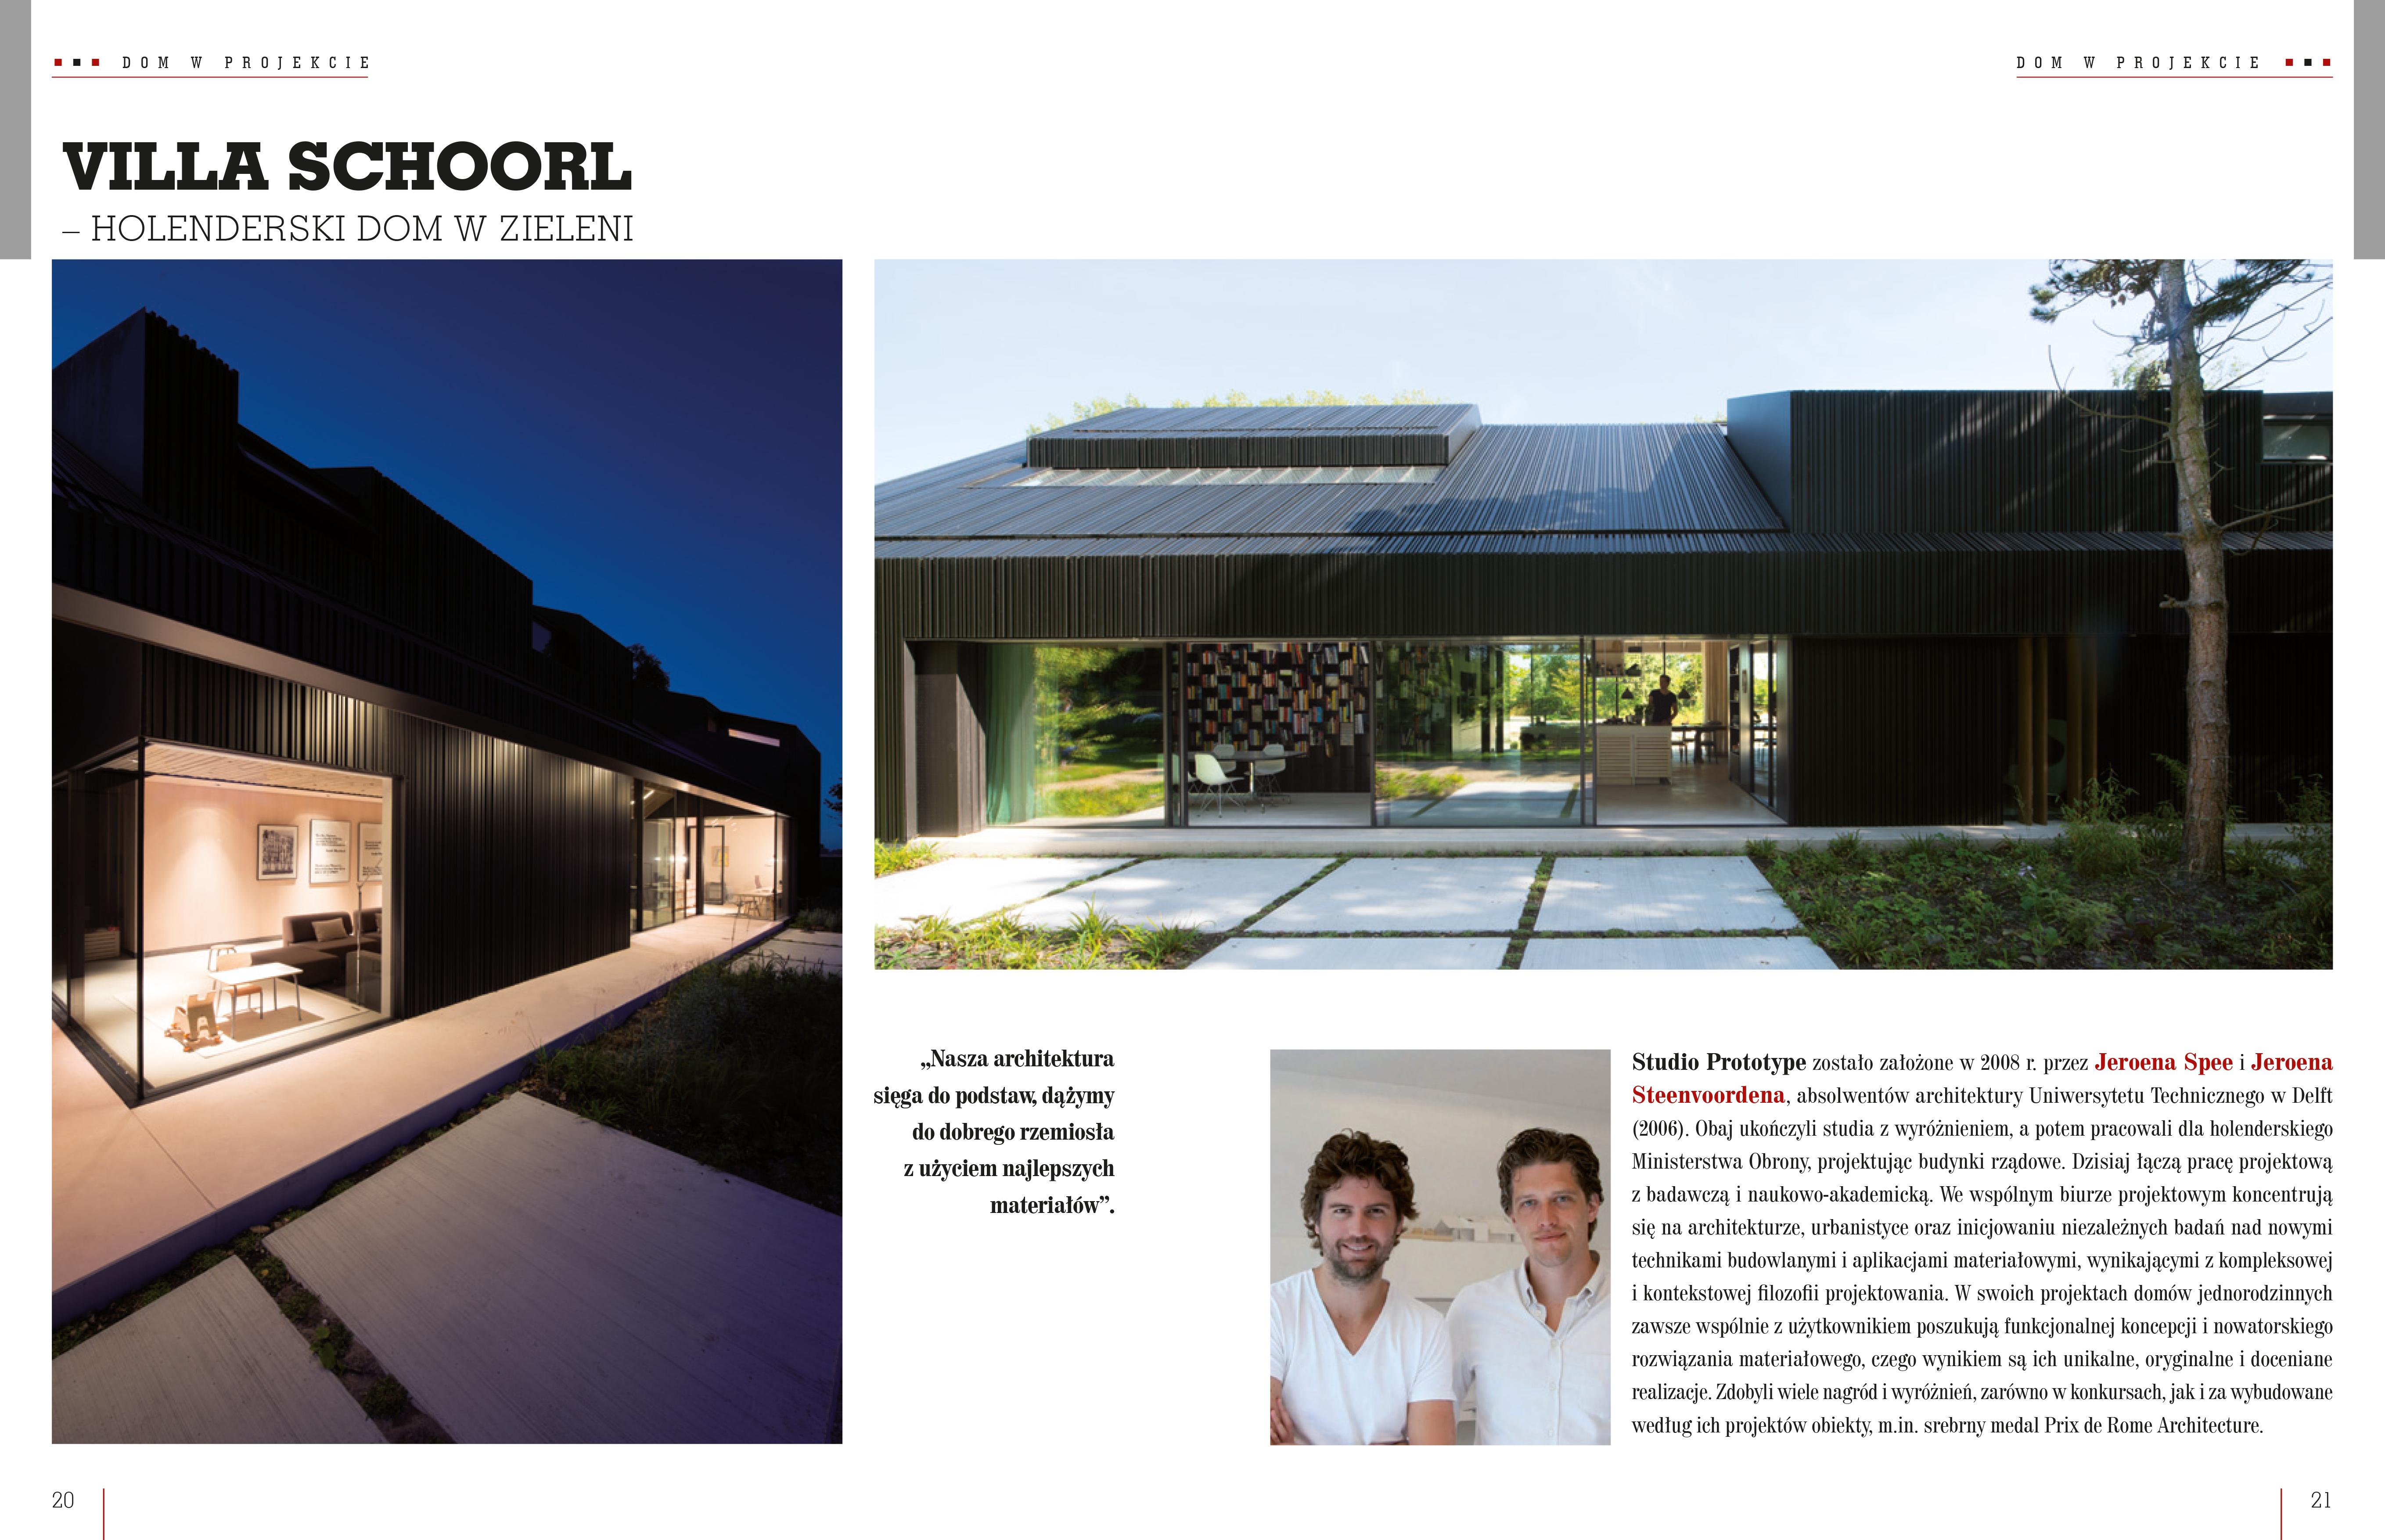 VILLA SCHOORL GEPUBLICEERD IN SWIAT ARCHITEKTURY (PL)